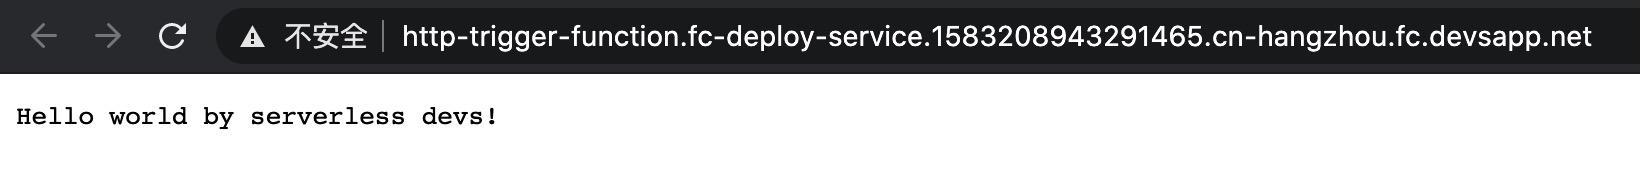 如何保证 Serverless 业务部署更新的一致性?